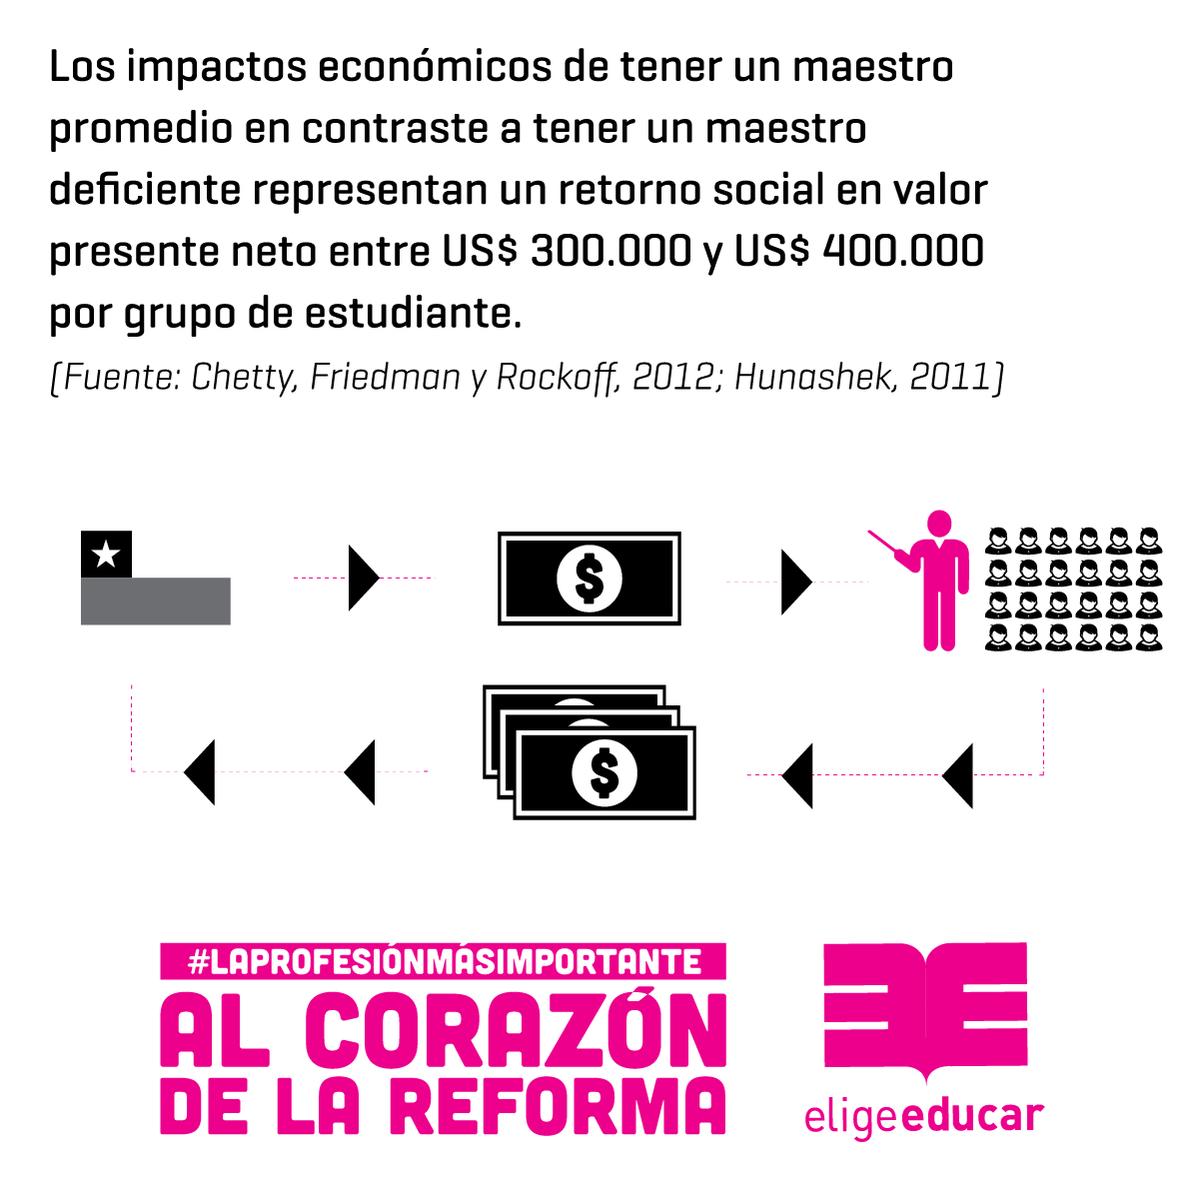 No invertir en profesores cuesta caro. #LaProfesiónMásImportante al corazón de la reforma http://t.co/nq3uZQxW3X http://t.co/HQWs7VRsKu